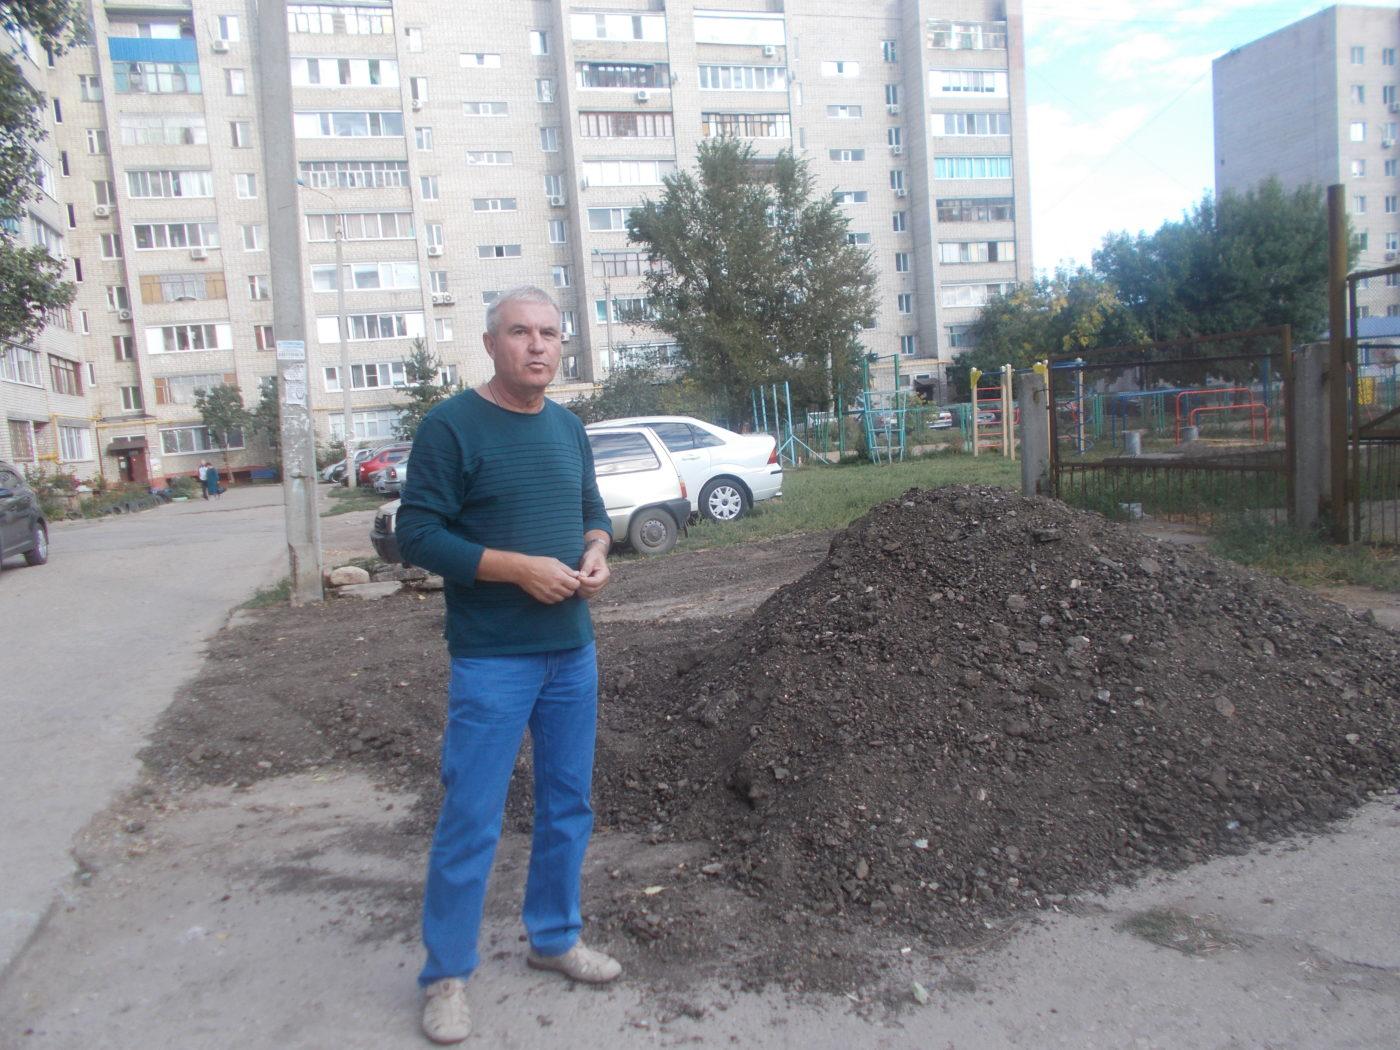 Наталья Красильникова из лучших побуждений решила утопить жителей своего округа в грязи